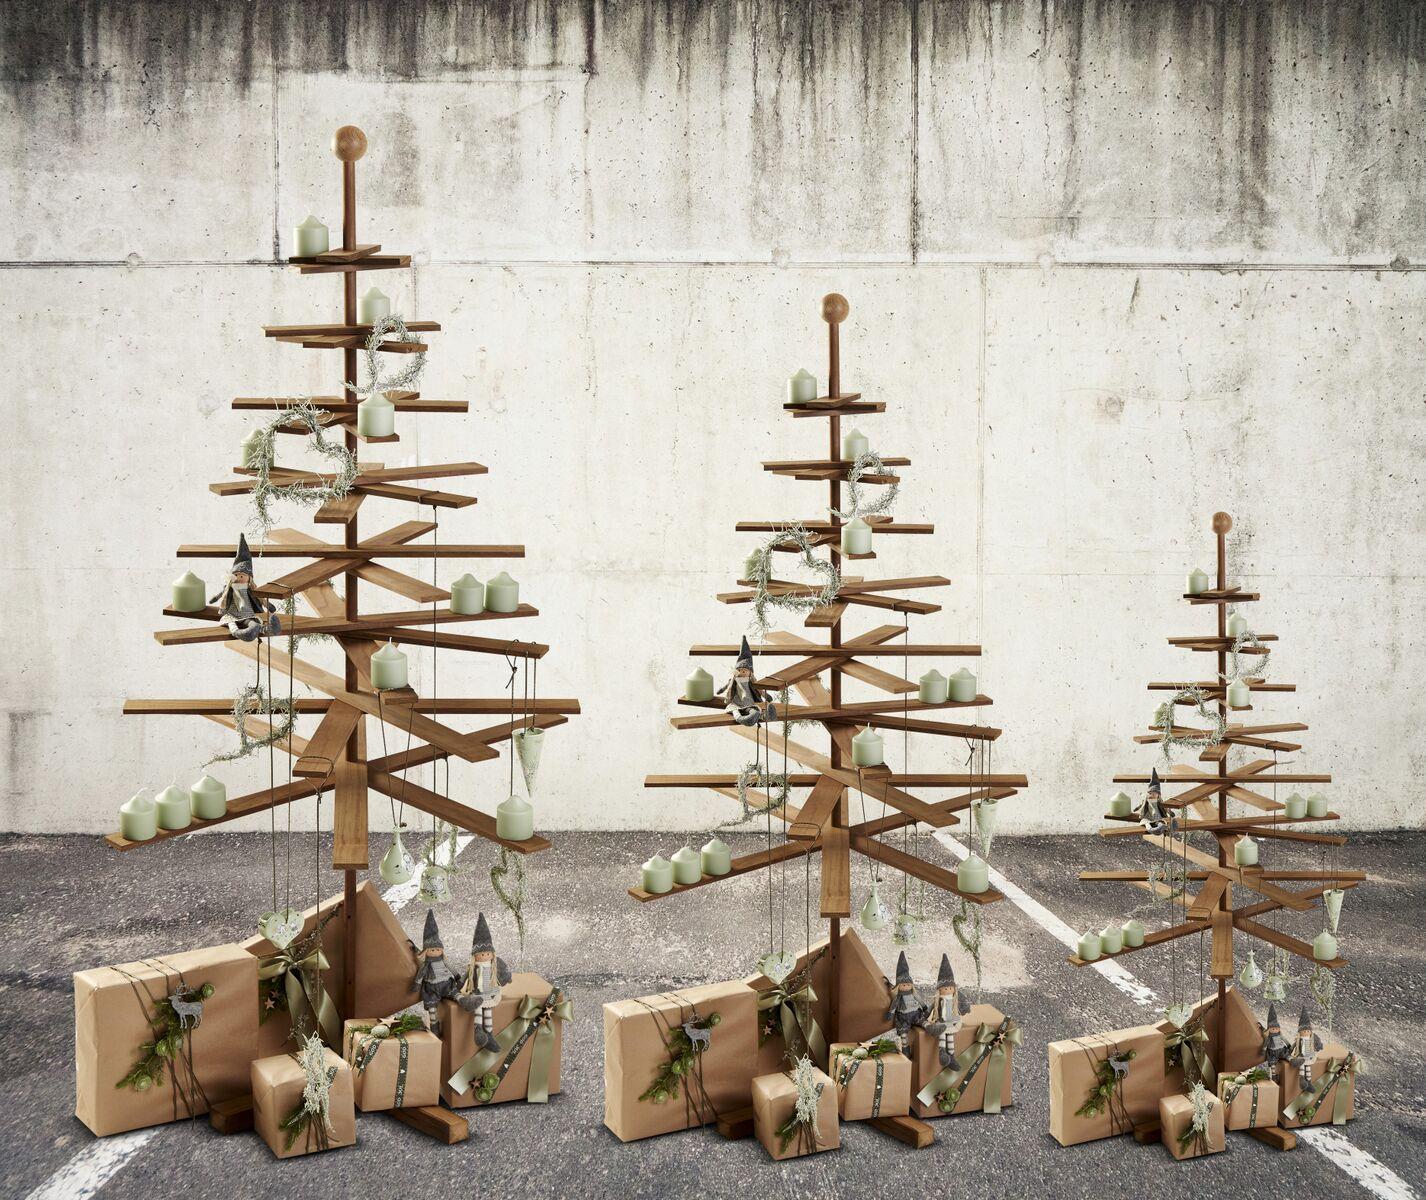 Lisas Erster Weihnachtsbaum.Skandinavischer Designer Weihnachtsbaum Aus Holz Von Habitree